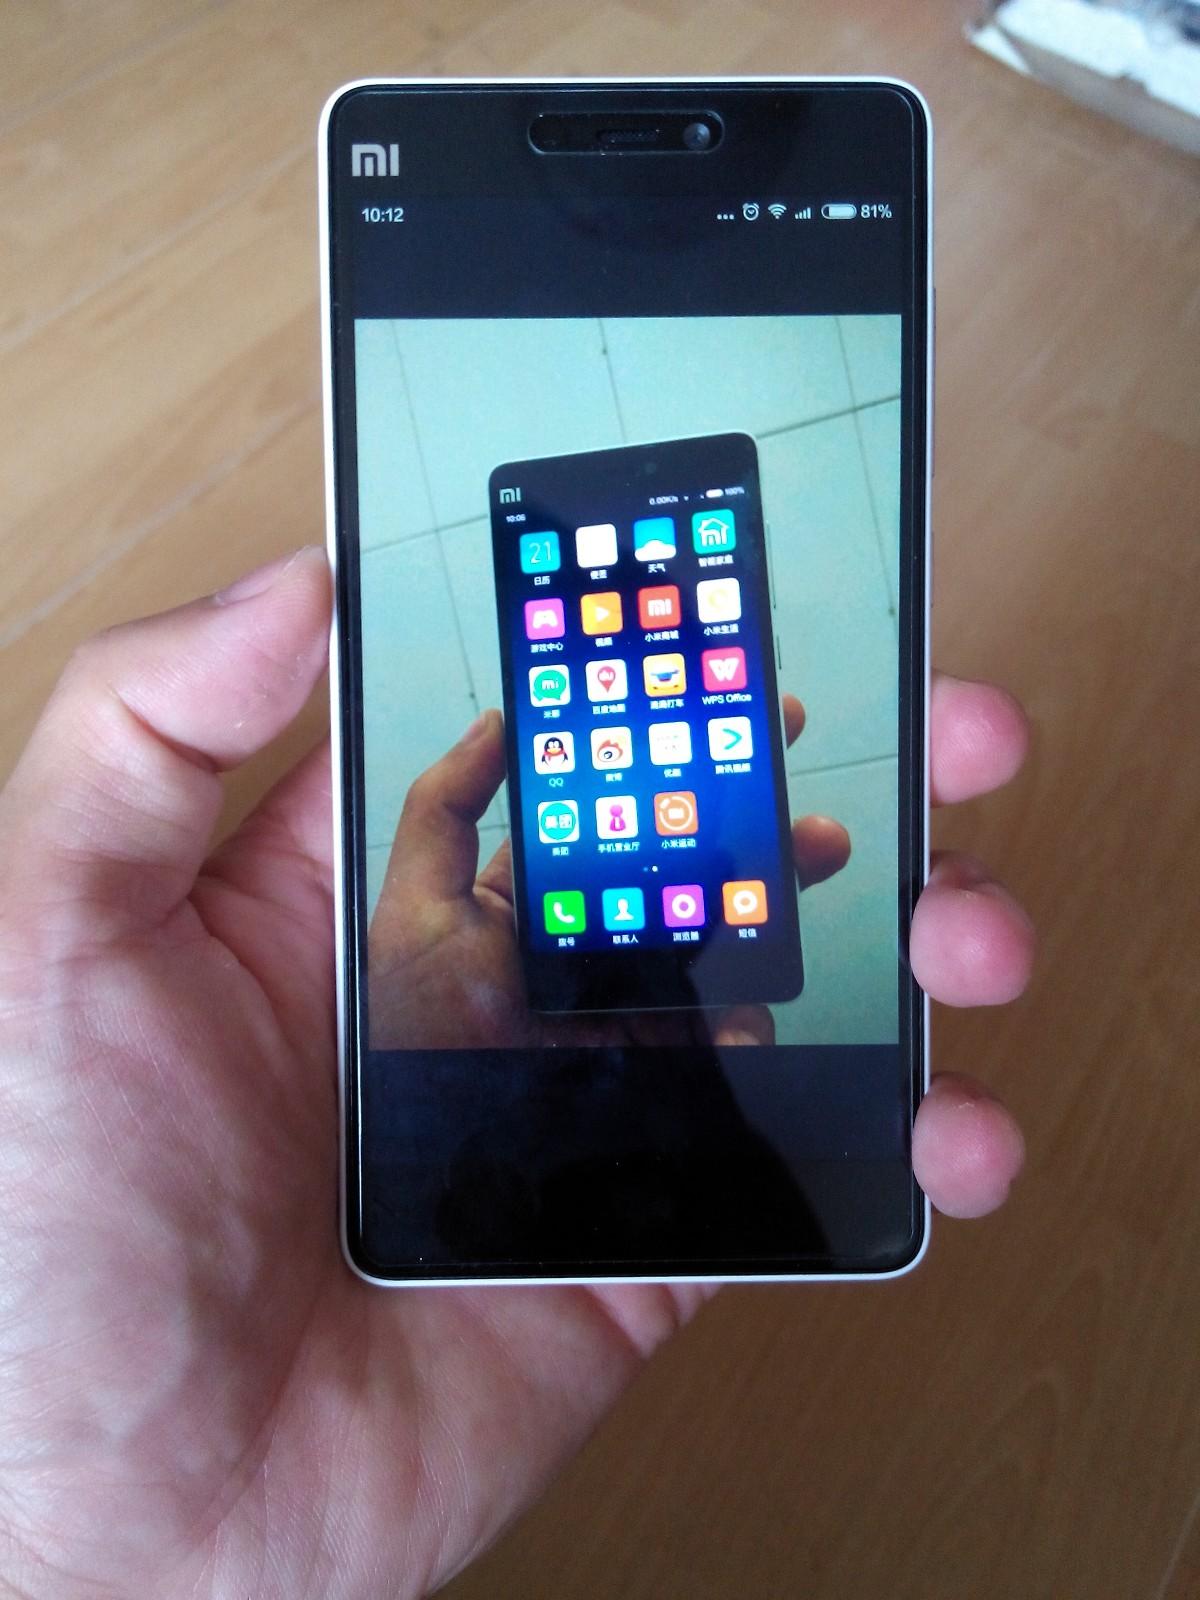 小米4i的截屏图片,很是漂亮吧!   vivo手机的父亲节有这种自动屏保,